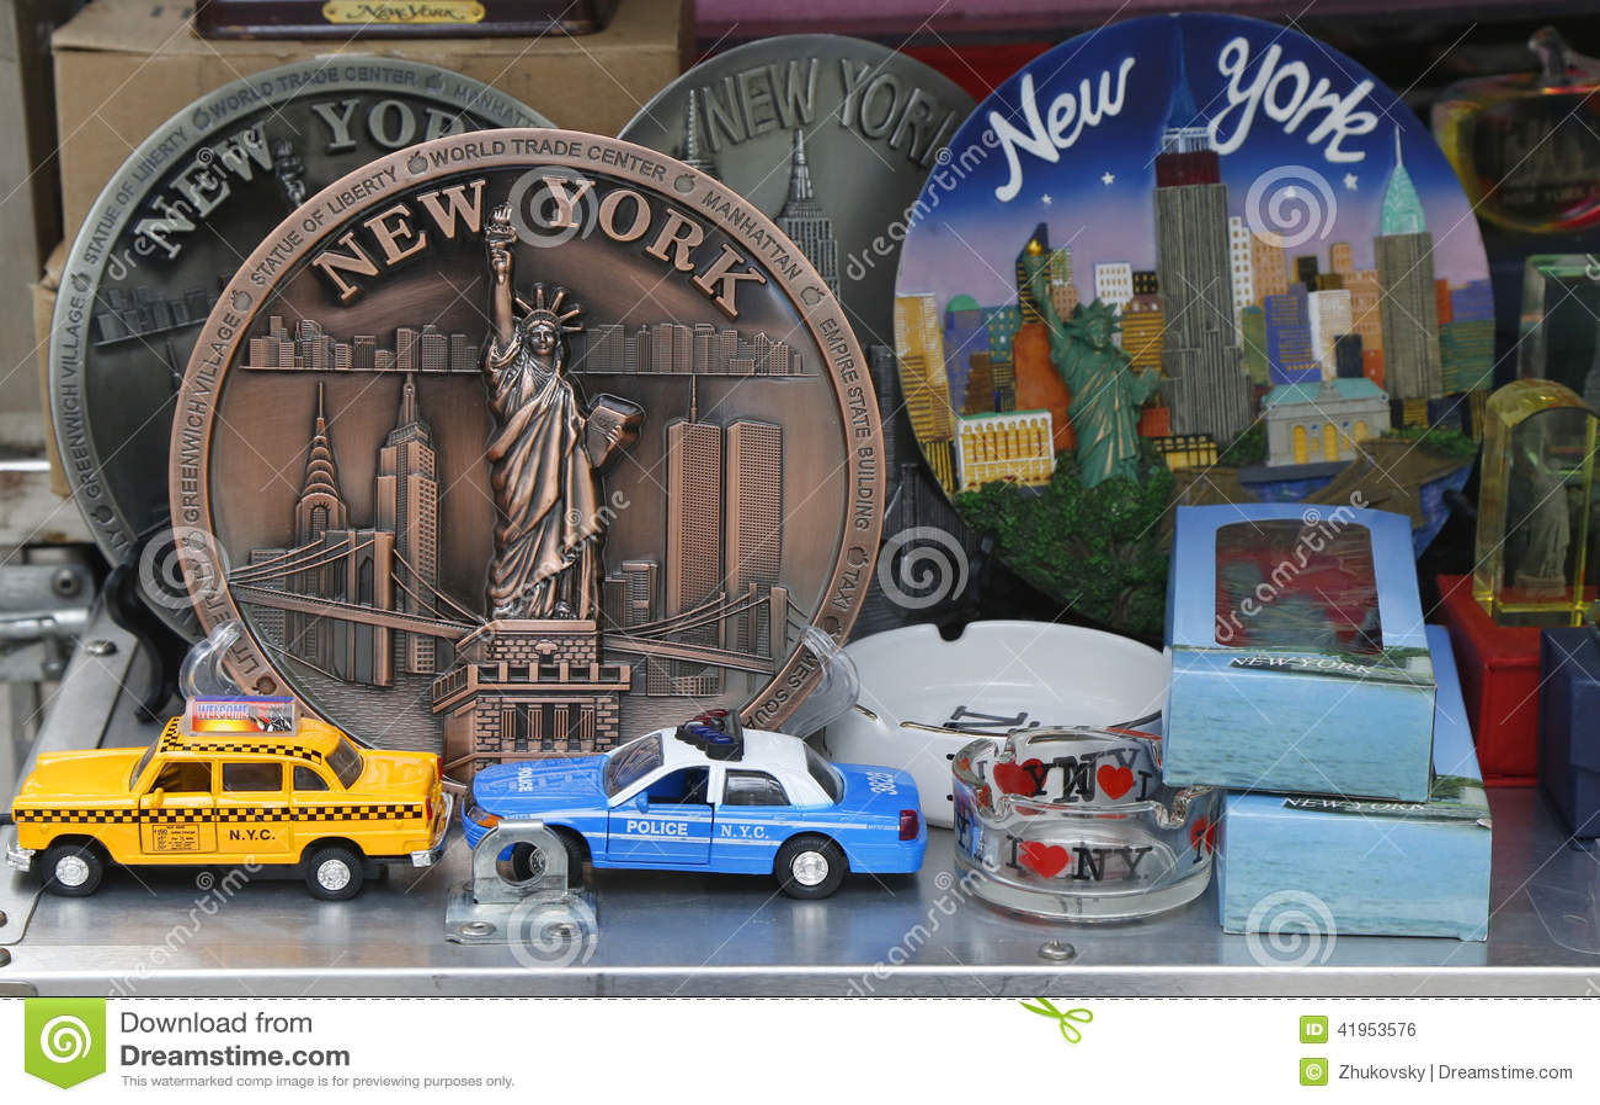 Miasto Nowy Jork pamiątki na pokazie w Manhattan